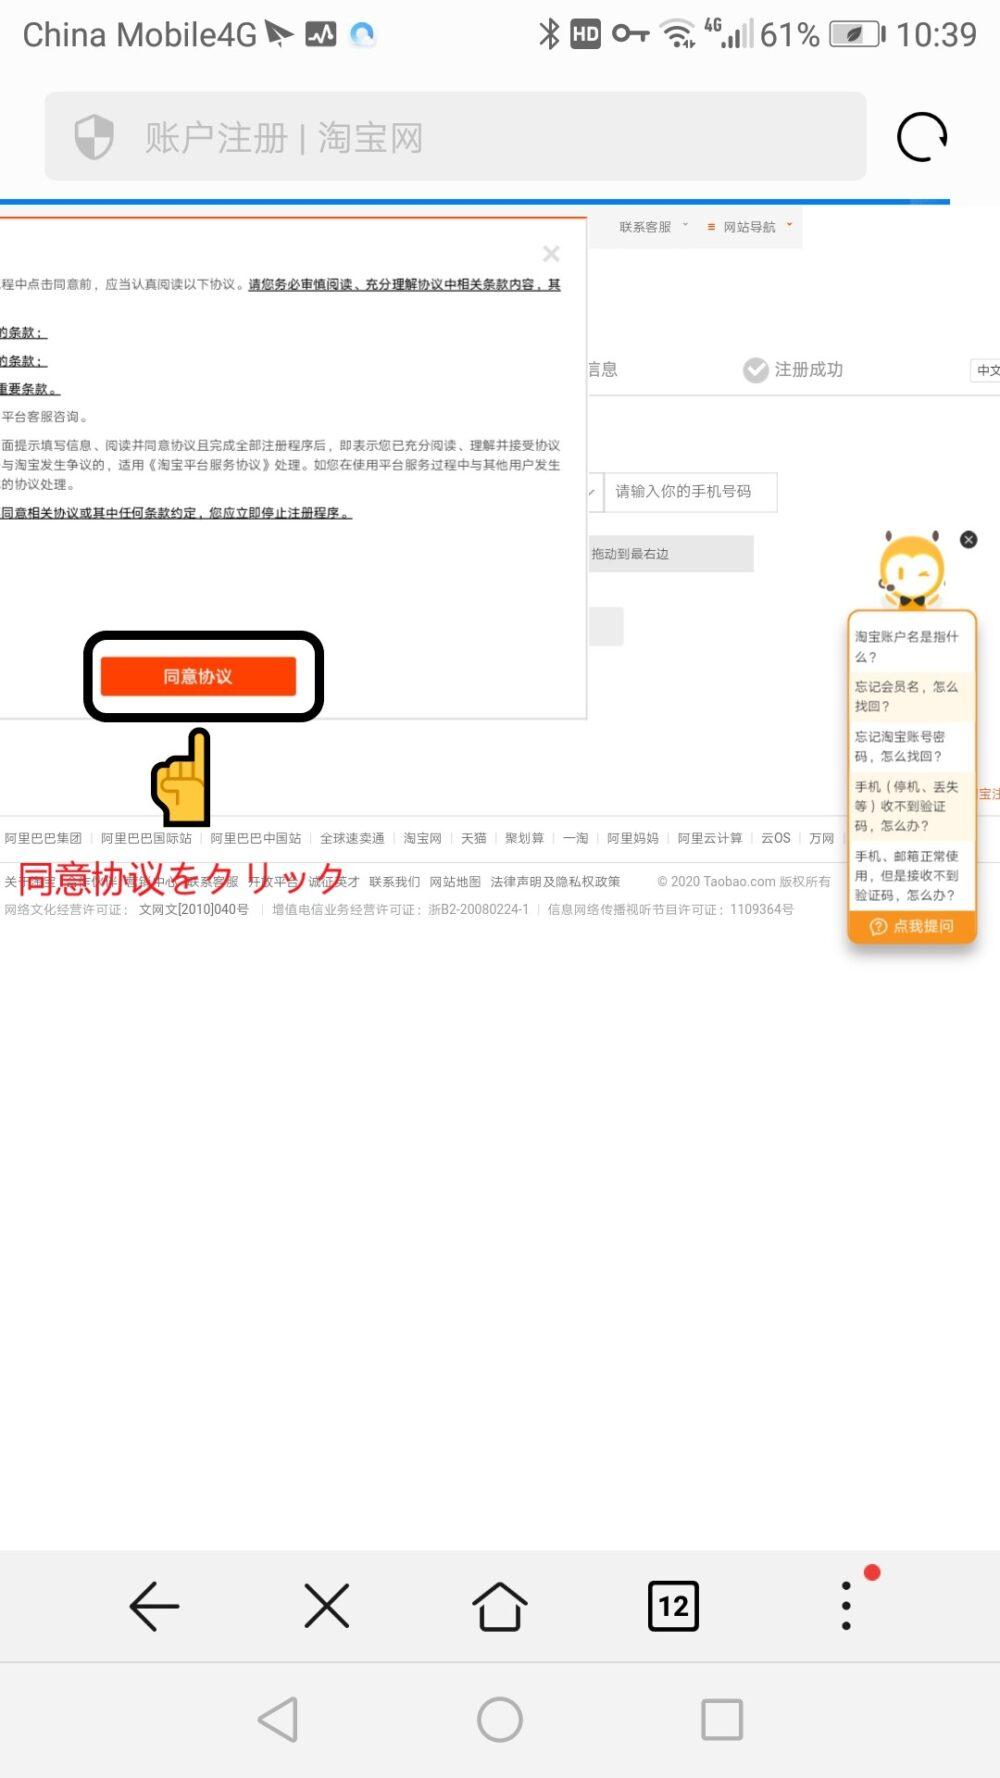 タオバオのサイトより同意协议をクリックして登録進めるスクリーンショットの画像